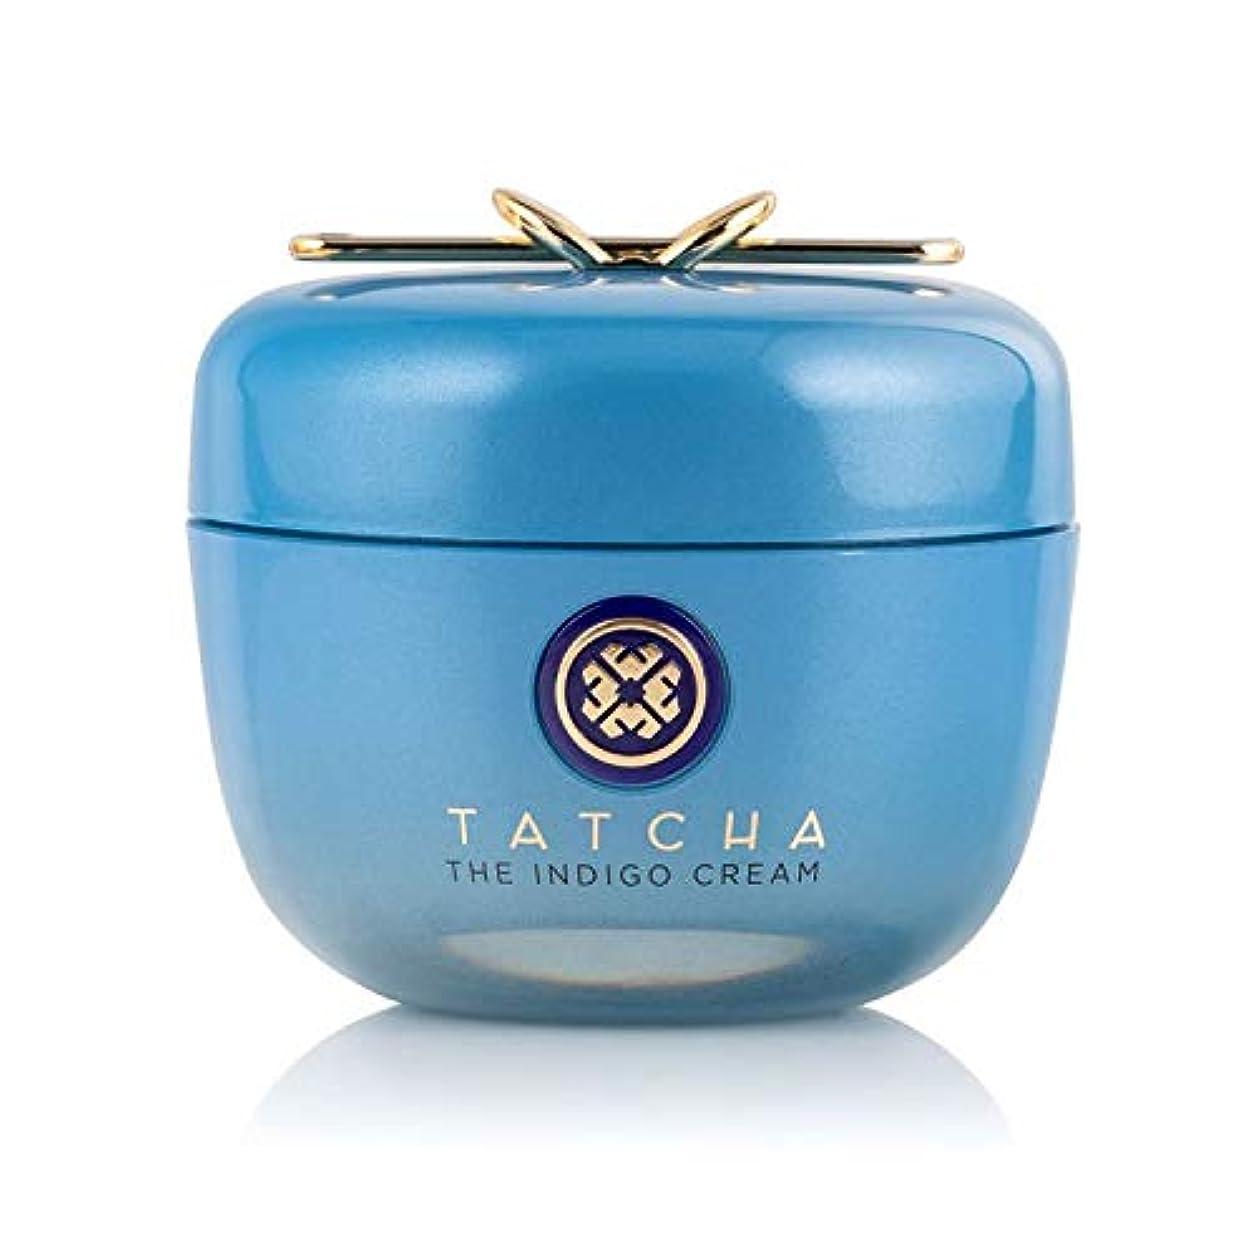 八百屋変形する人道的Tatcha The Indigo Cream Soothing Skin Protectant 1.7 oz/ 50 mL タチャインディゴ クリーム